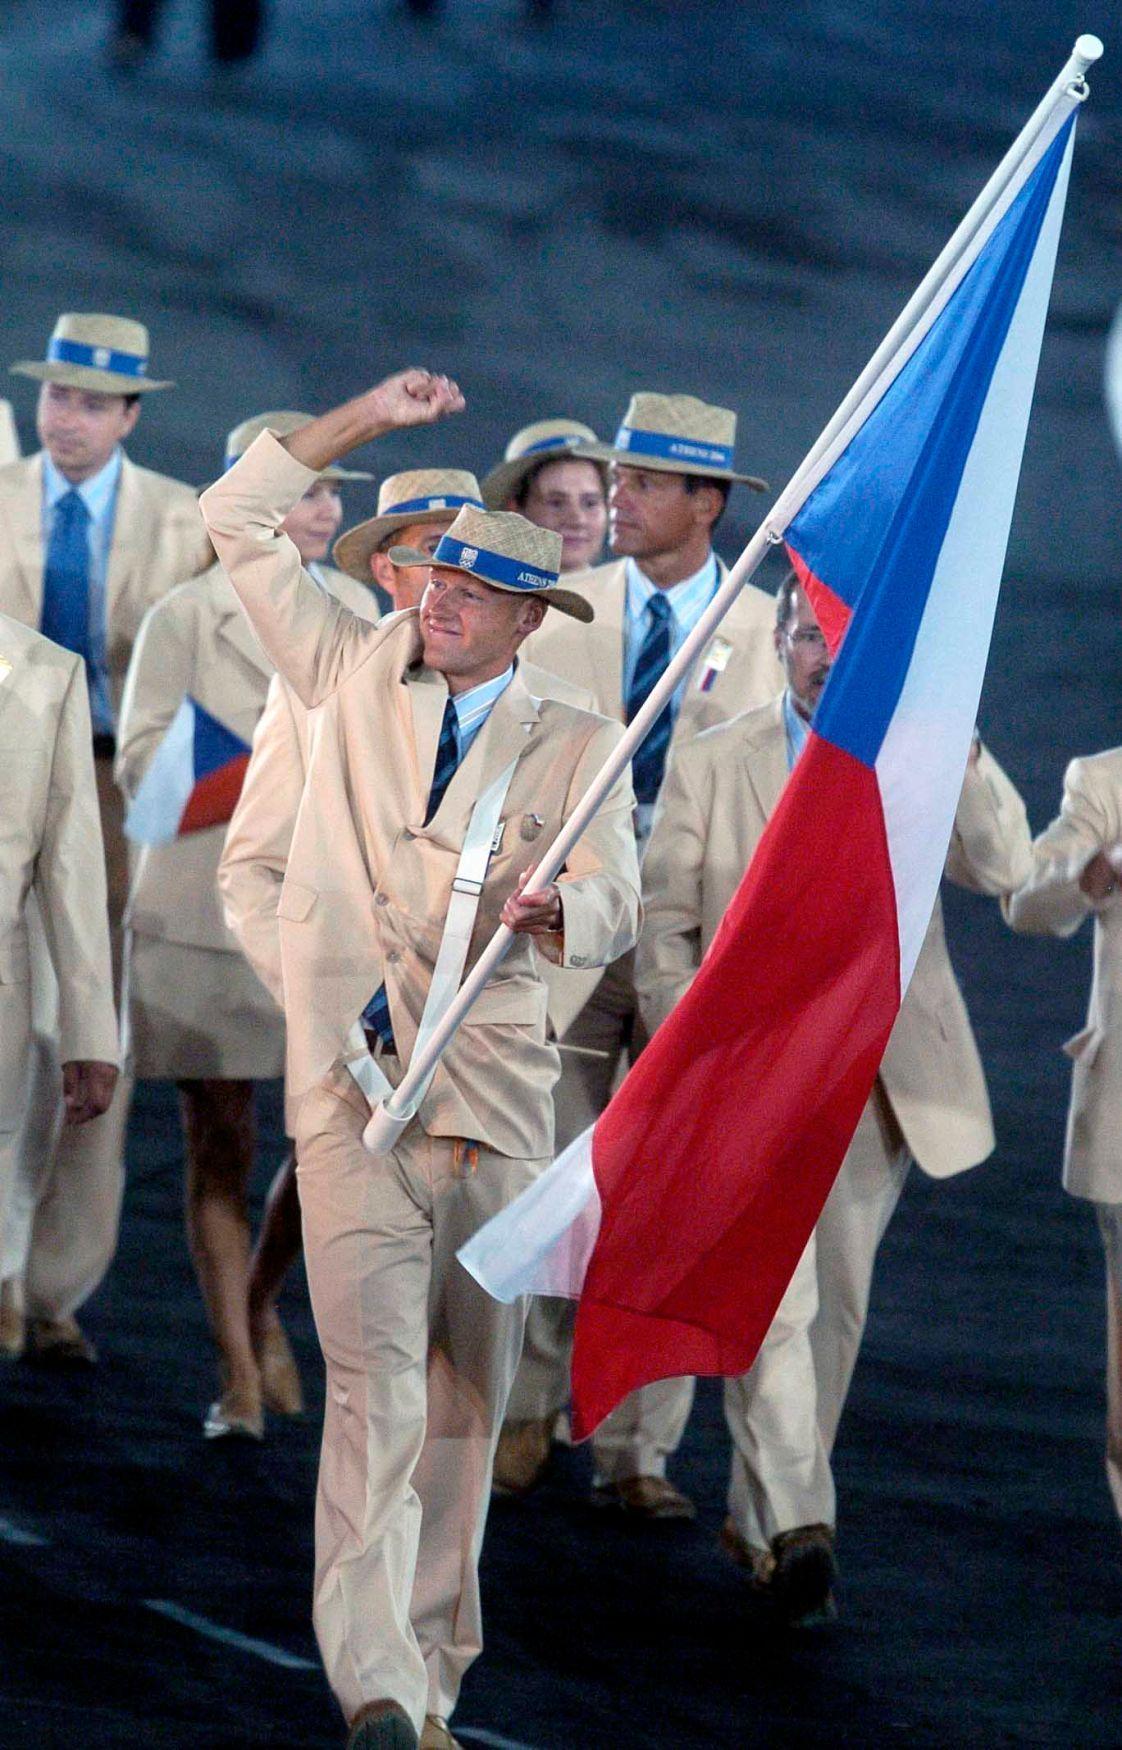 Olympijské hry v Aténách 2004 (Květoslav Svoboda)